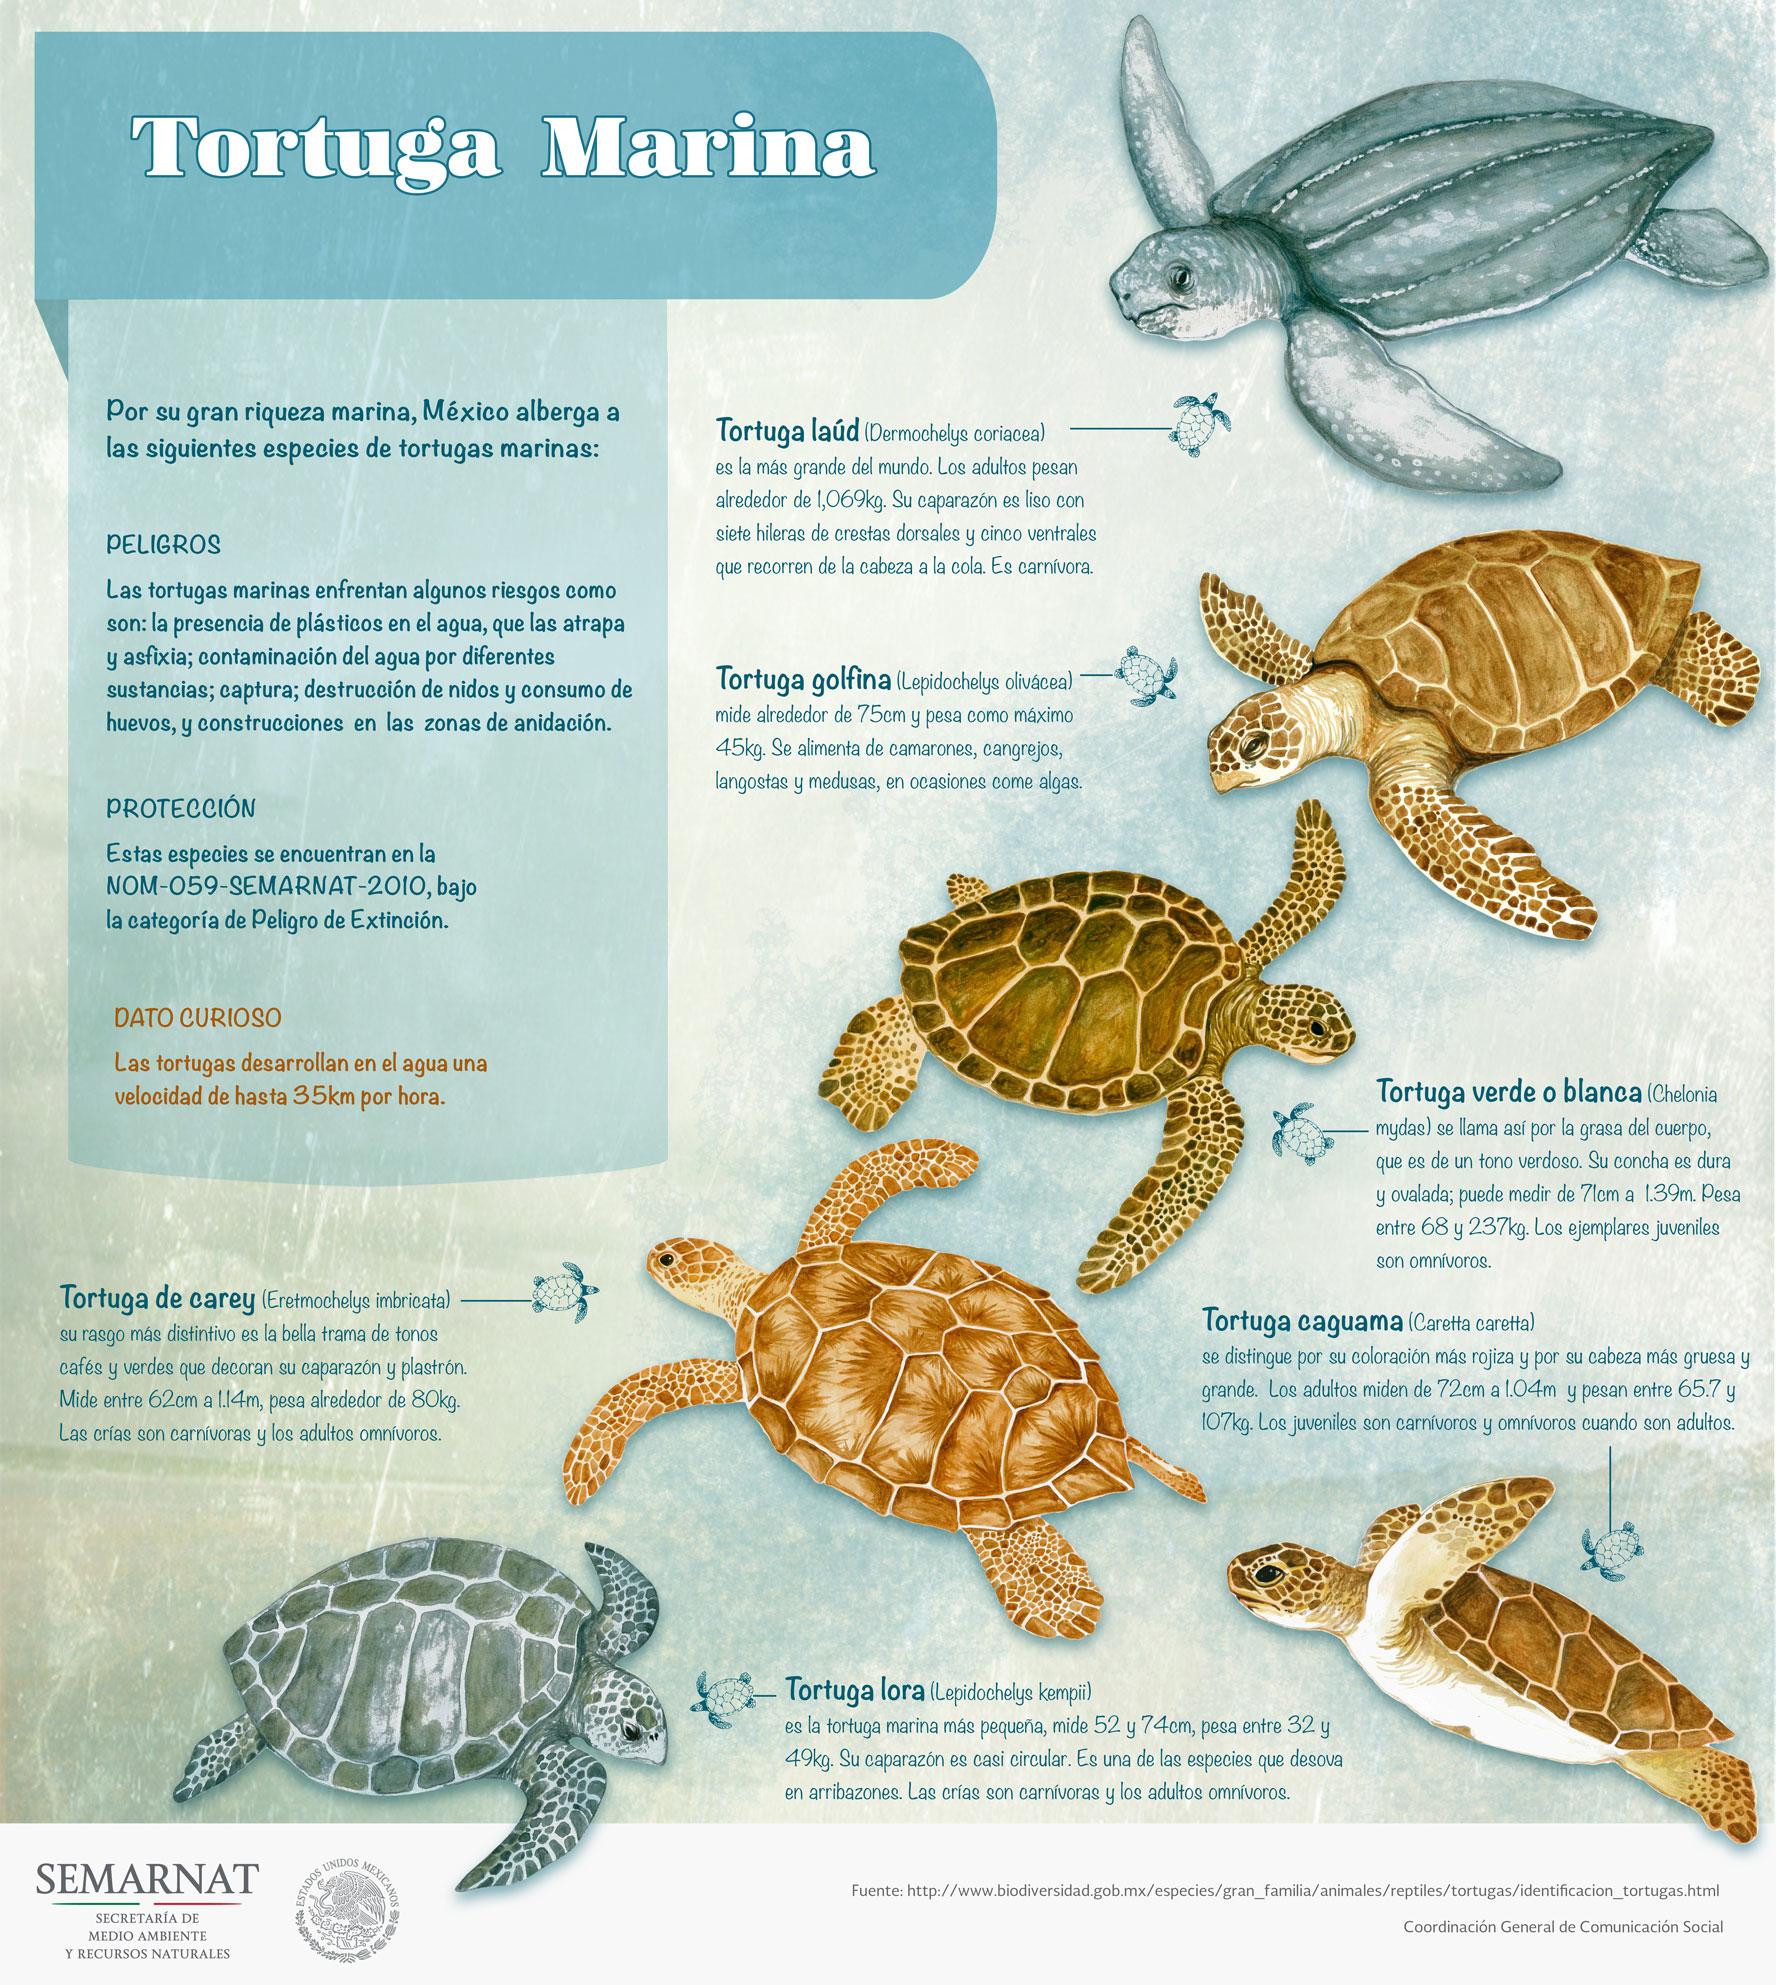 /cms/uploads/image/file/271135/TortugasMarinas.jpeg